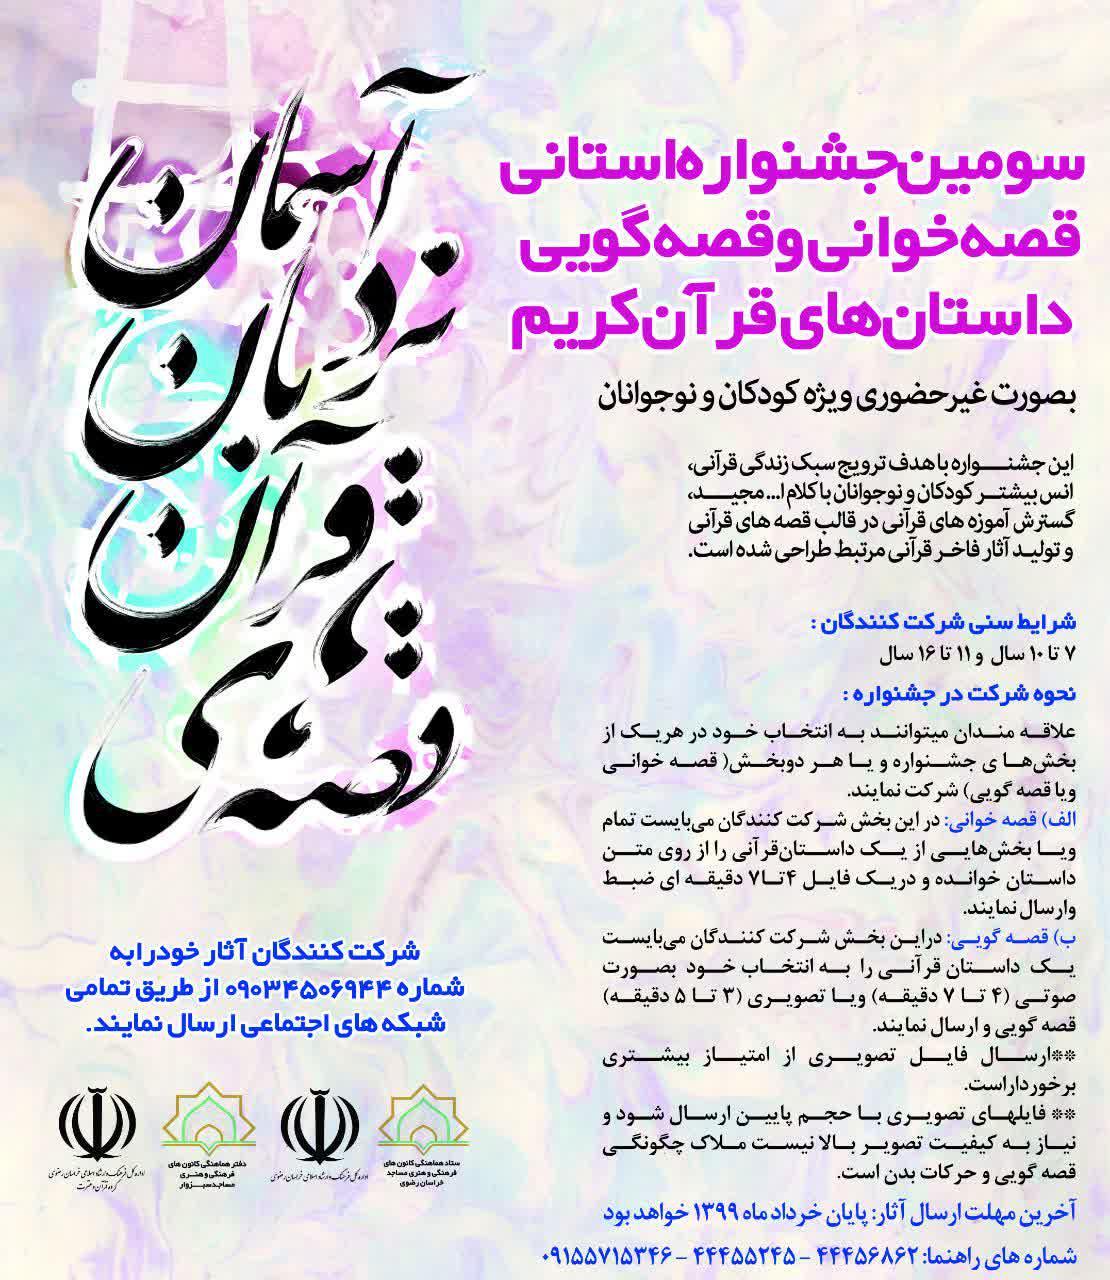 سومین جشنواره استانی قصه خوانی  و قصه گویی داستانهای قرآن کریم